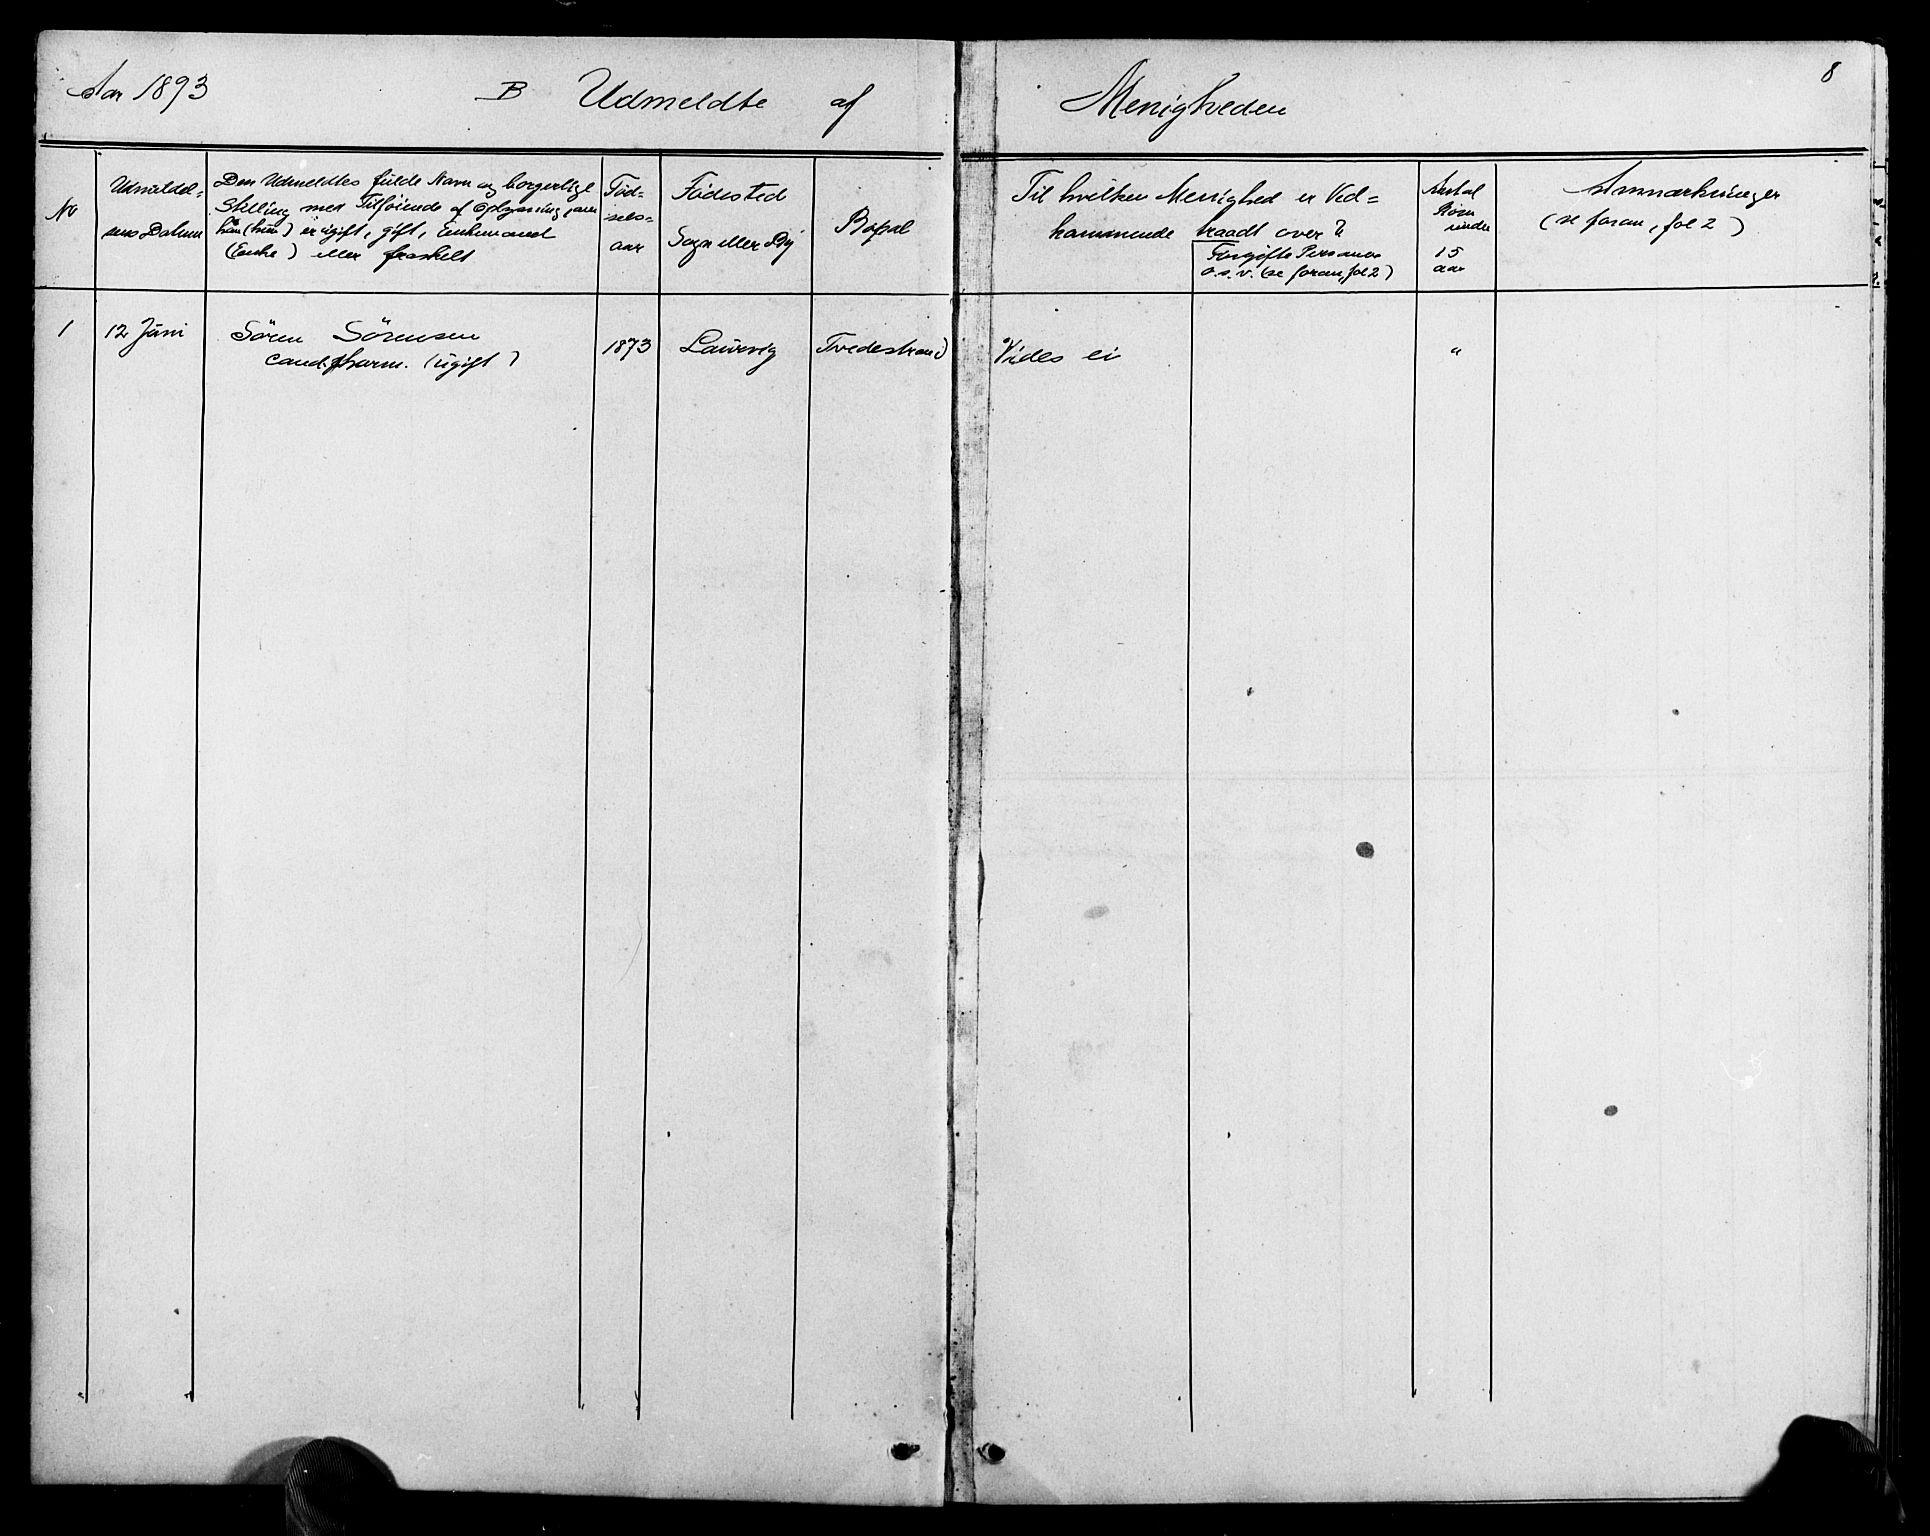 SAK, Baptistmenigheten i Tvedestrand, F/Fa/L0002: Dissenterprotokoll nr. F 1, 1892-1895, s. 8